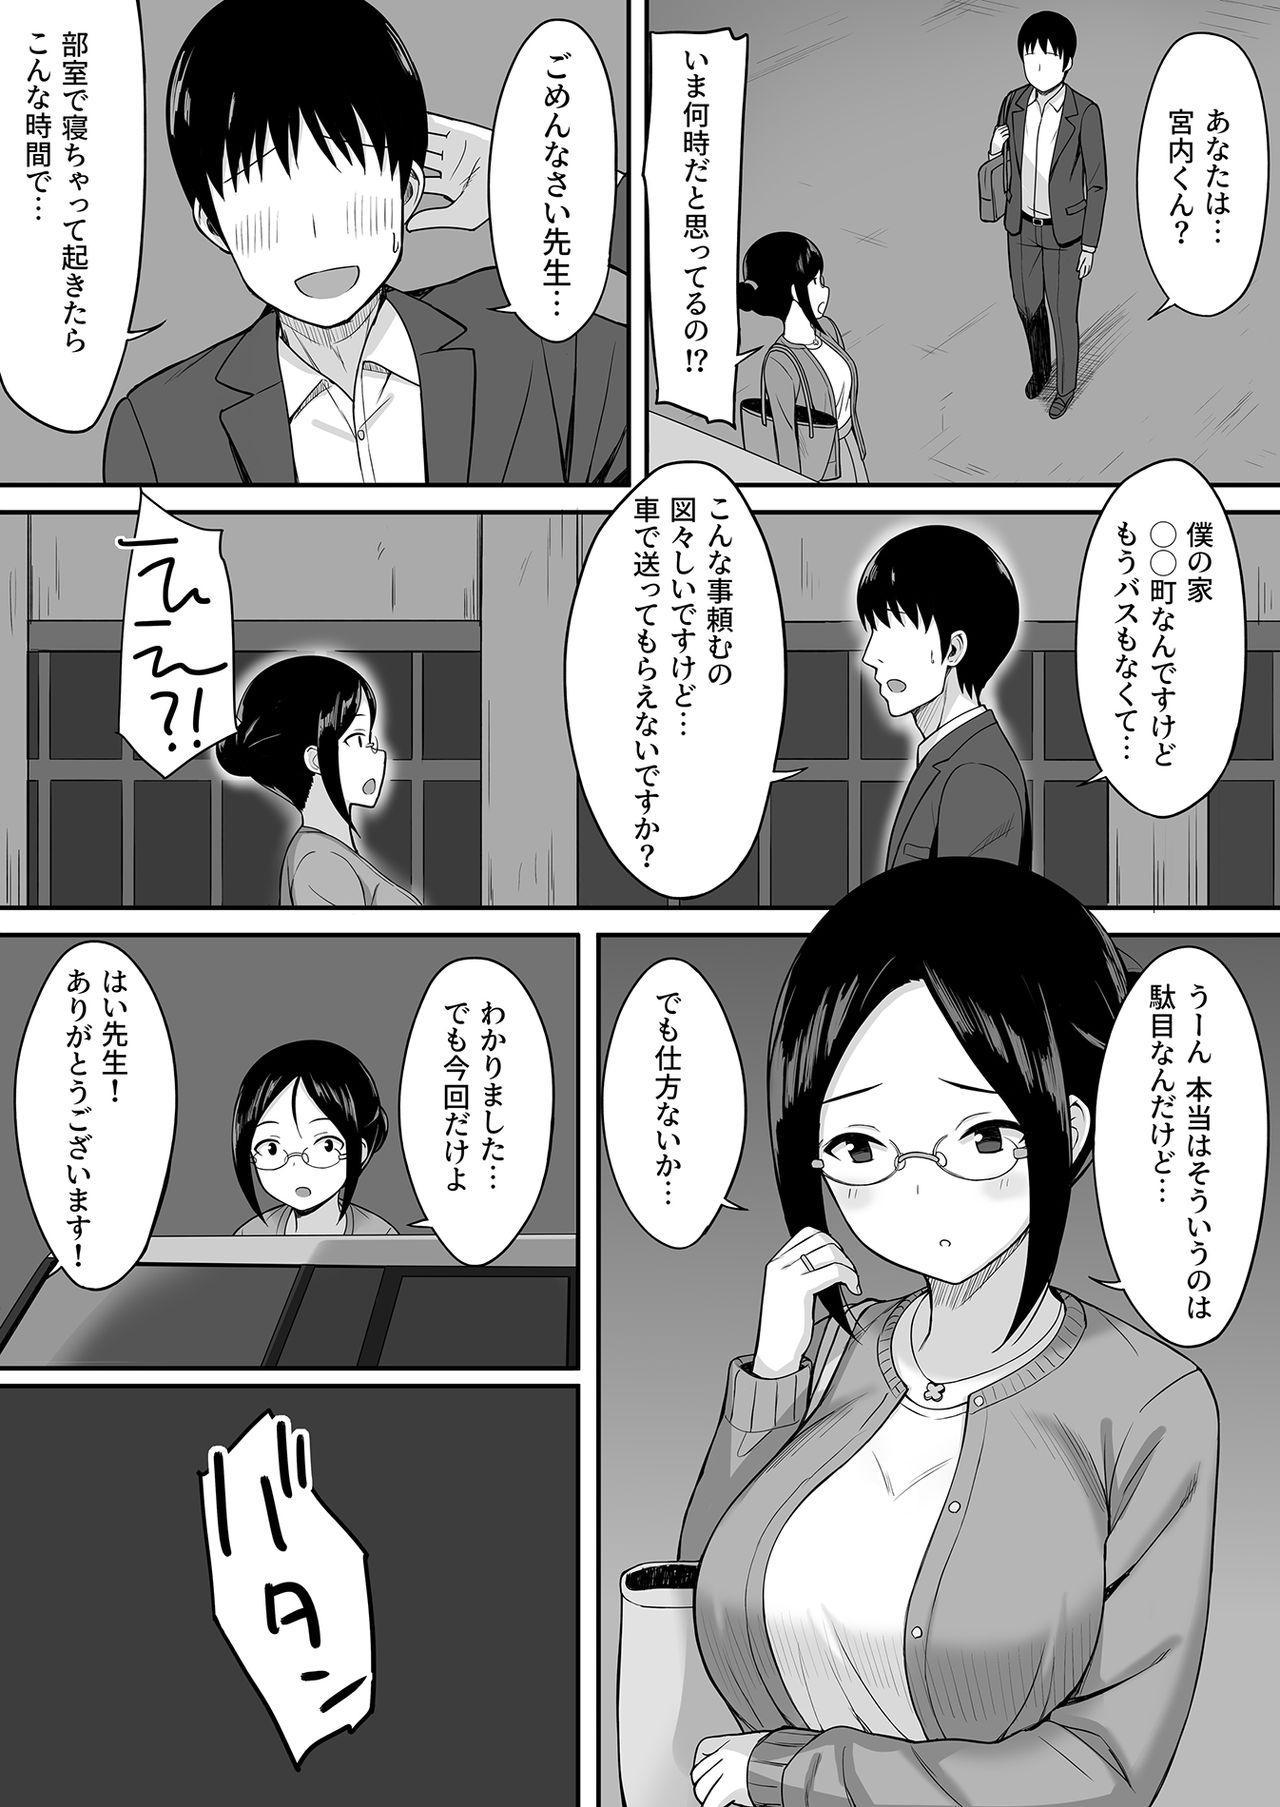 Fukujuu no noroi 3 5